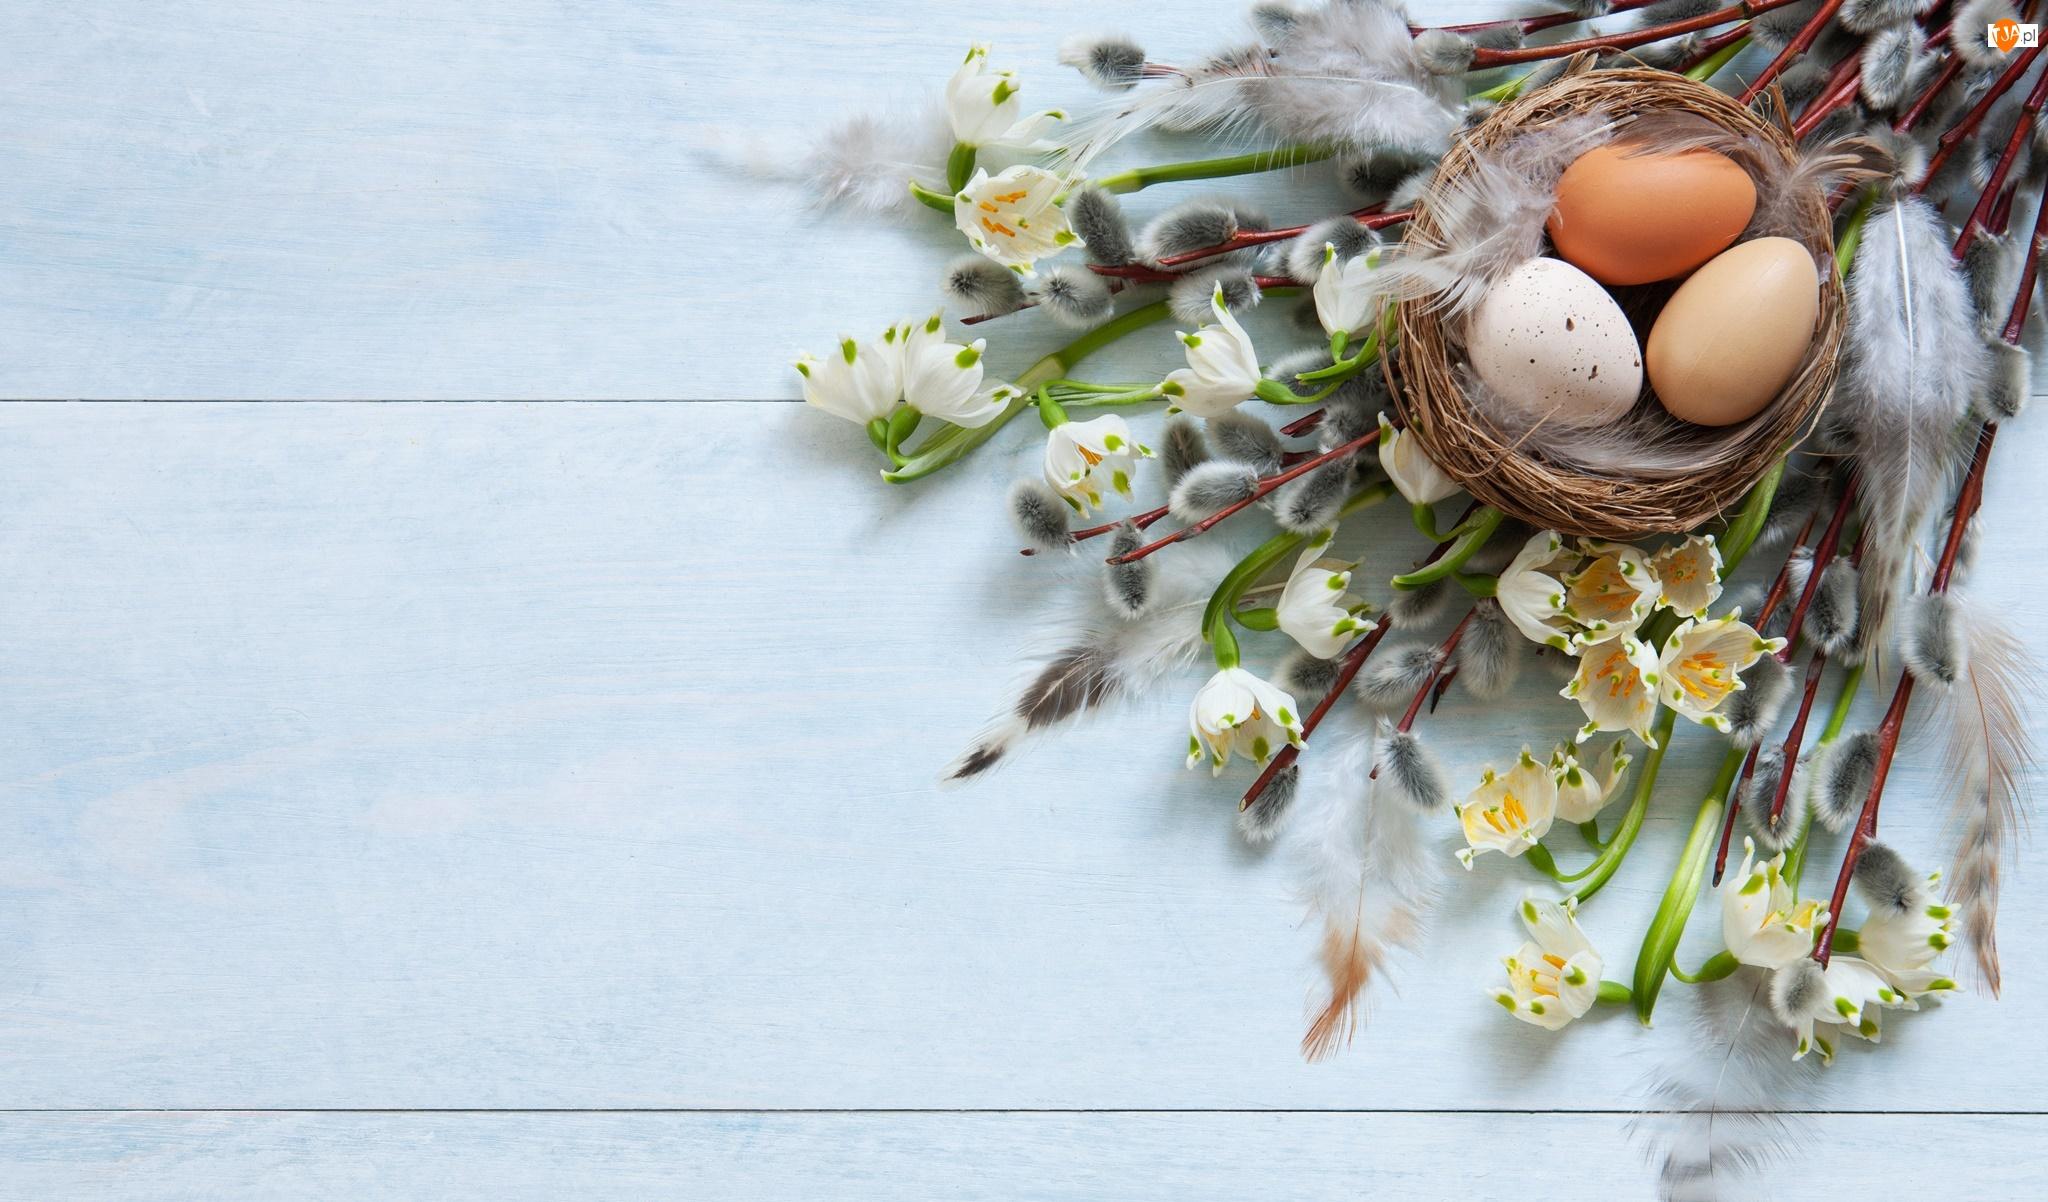 Bazie, Kwiaty, Wielkanoc, Gałązki, Jajka, Gniazdo, Śnieżyce